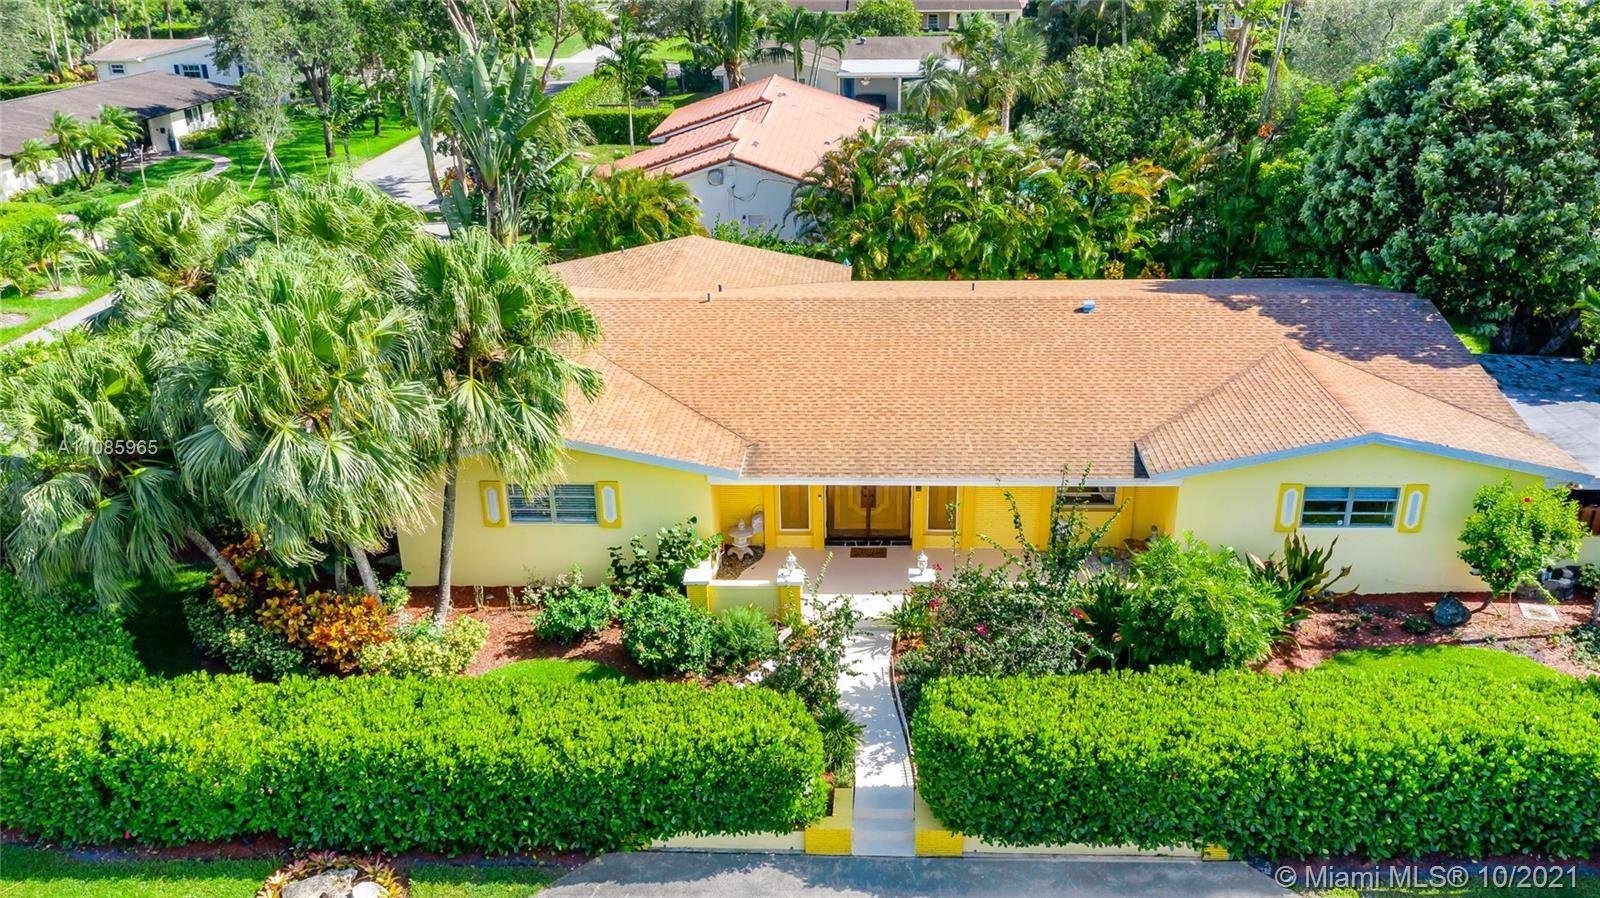 9500 SW 92nd St, Miami, FL 33176 - #: A11085965